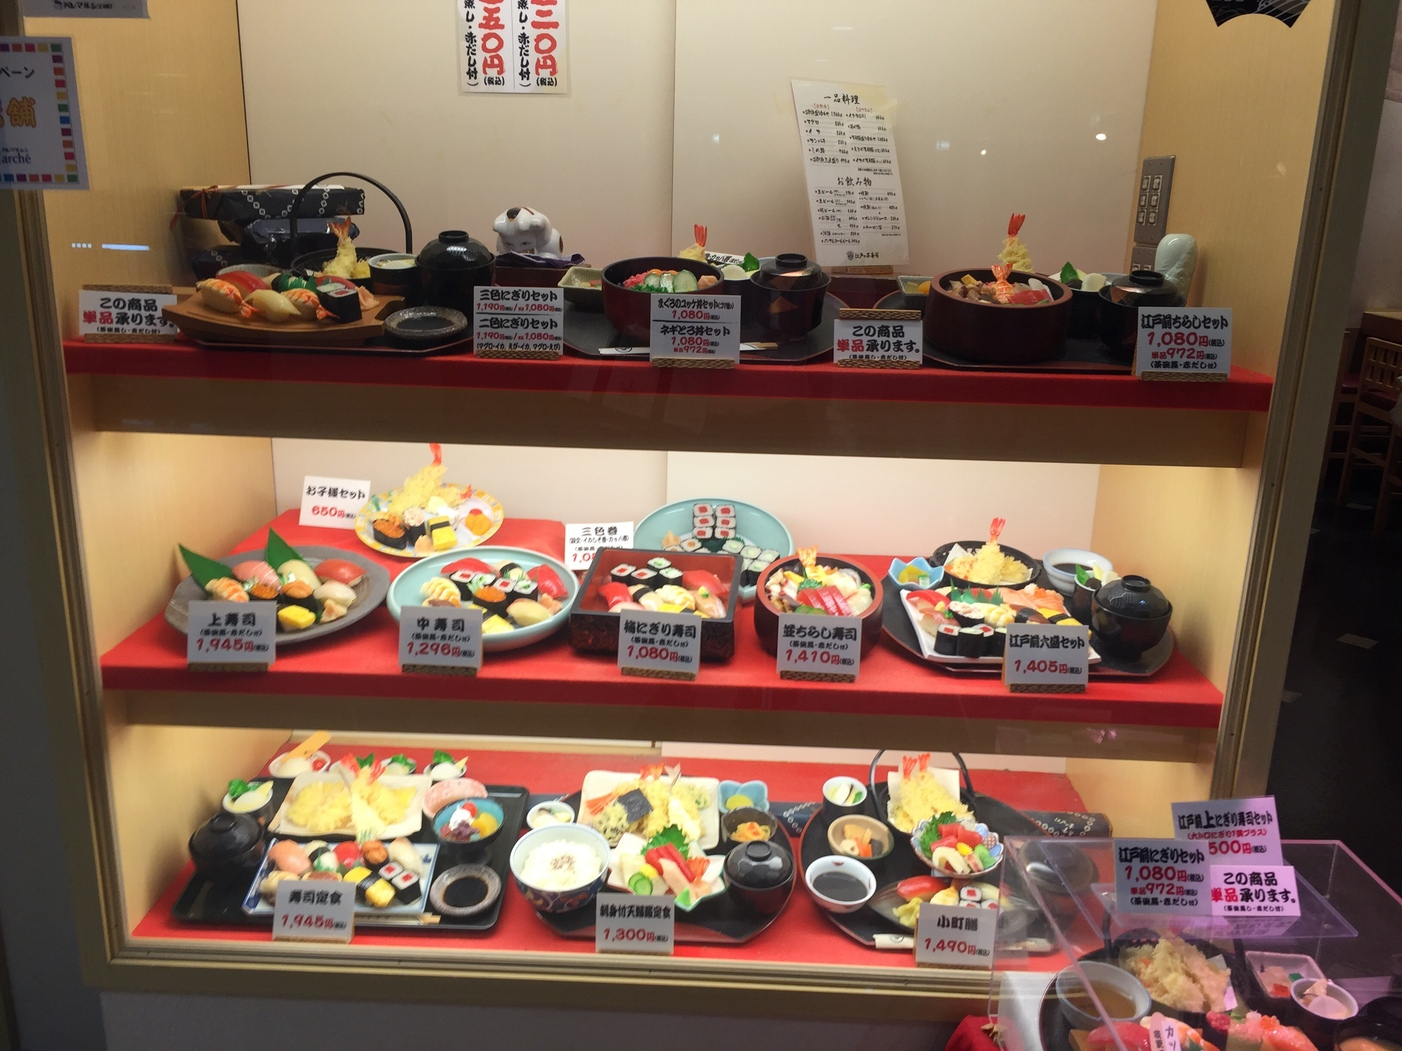 江戸っ子寿司 パレマルシェ西春店